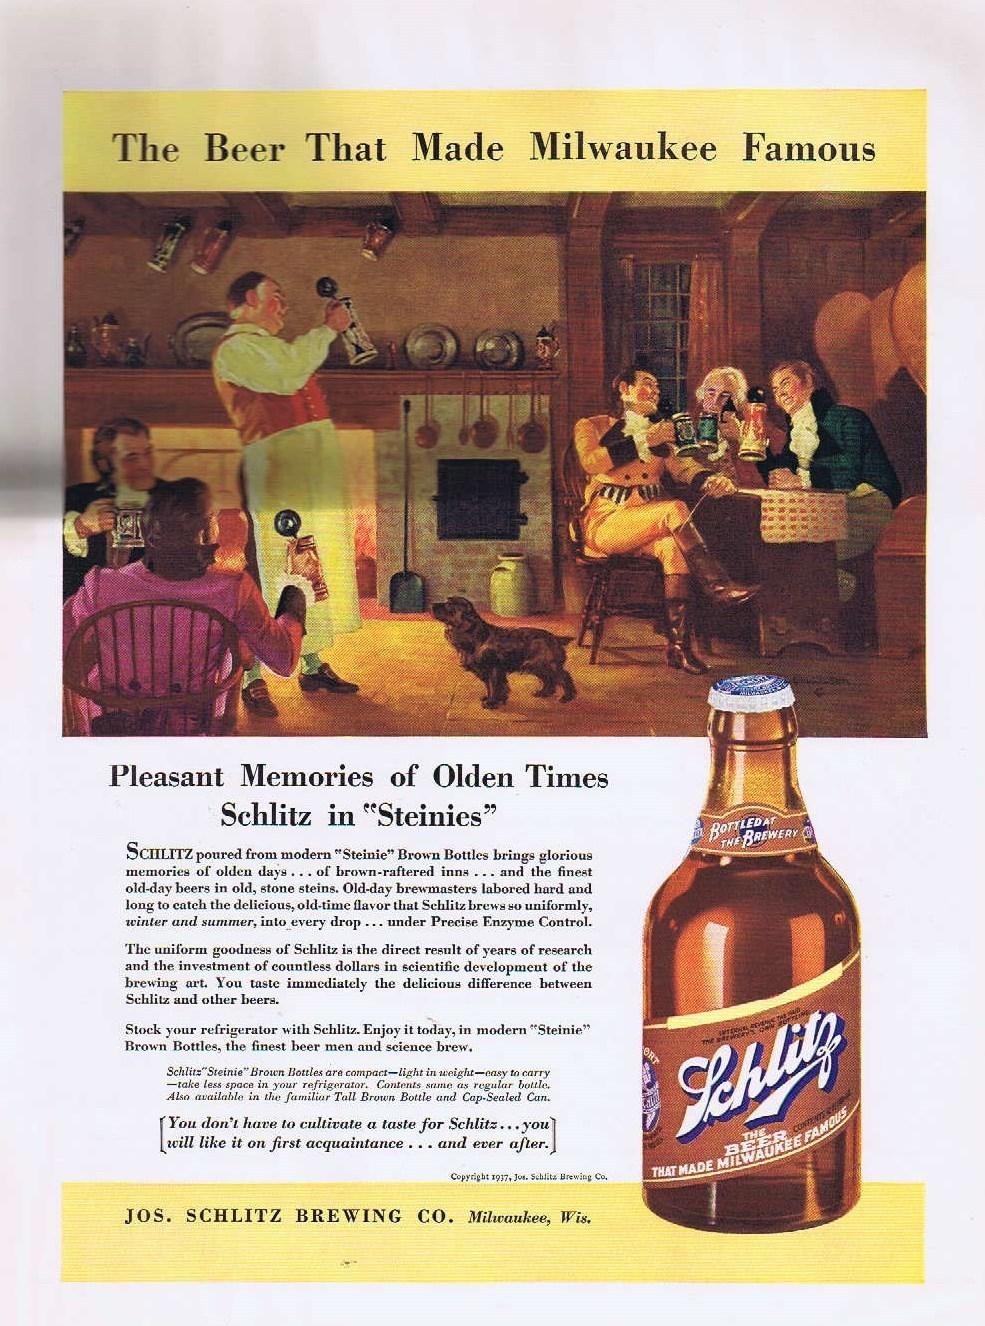 """Schlitz Beer in """"Steinie"""" Brown Bottles 1937 Original Vintage Advertisement"""